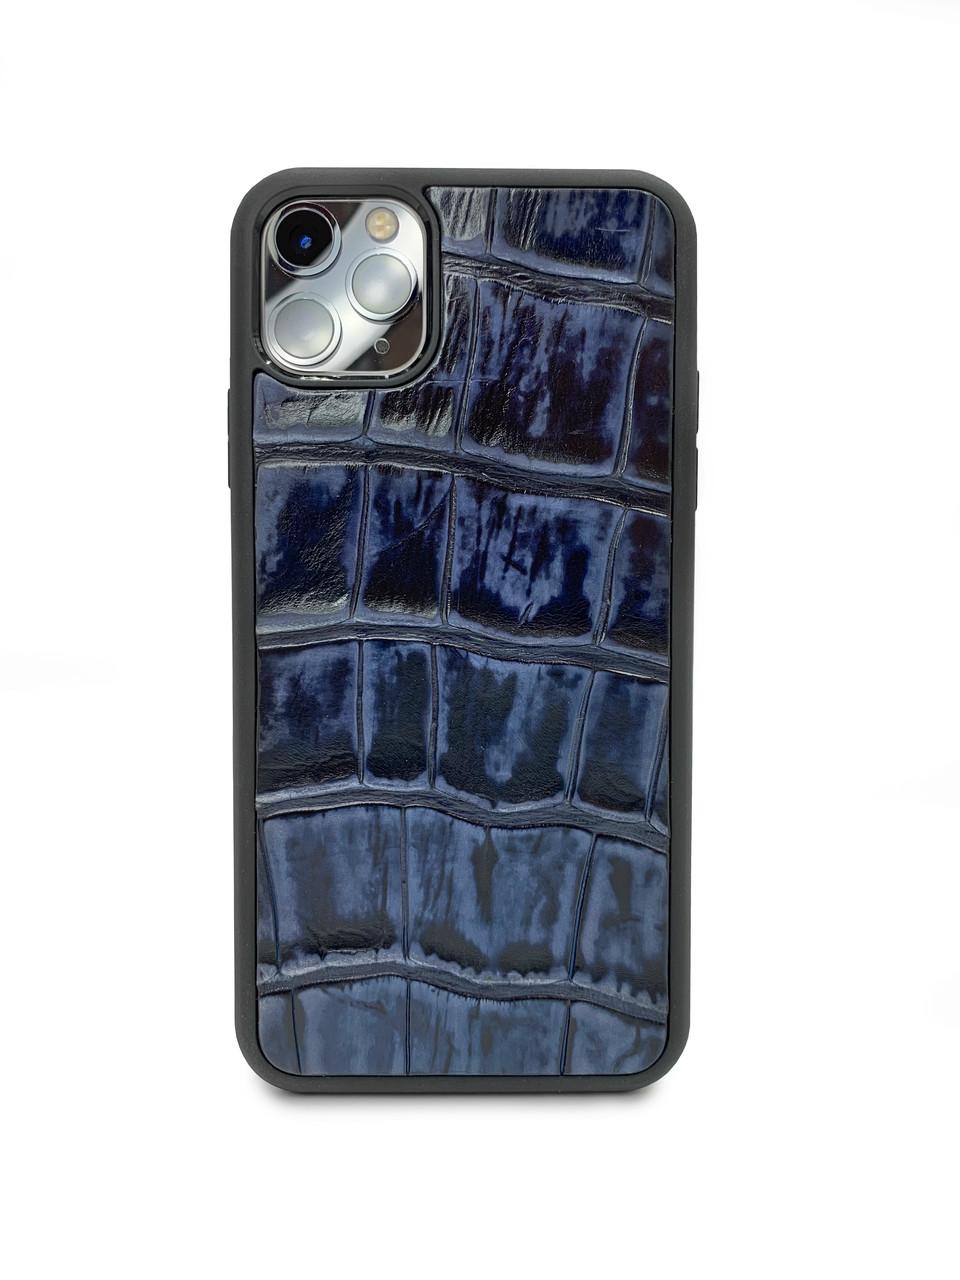 Чехол для iPhone 11 Pro Max синего цвета из кожи Крокодила